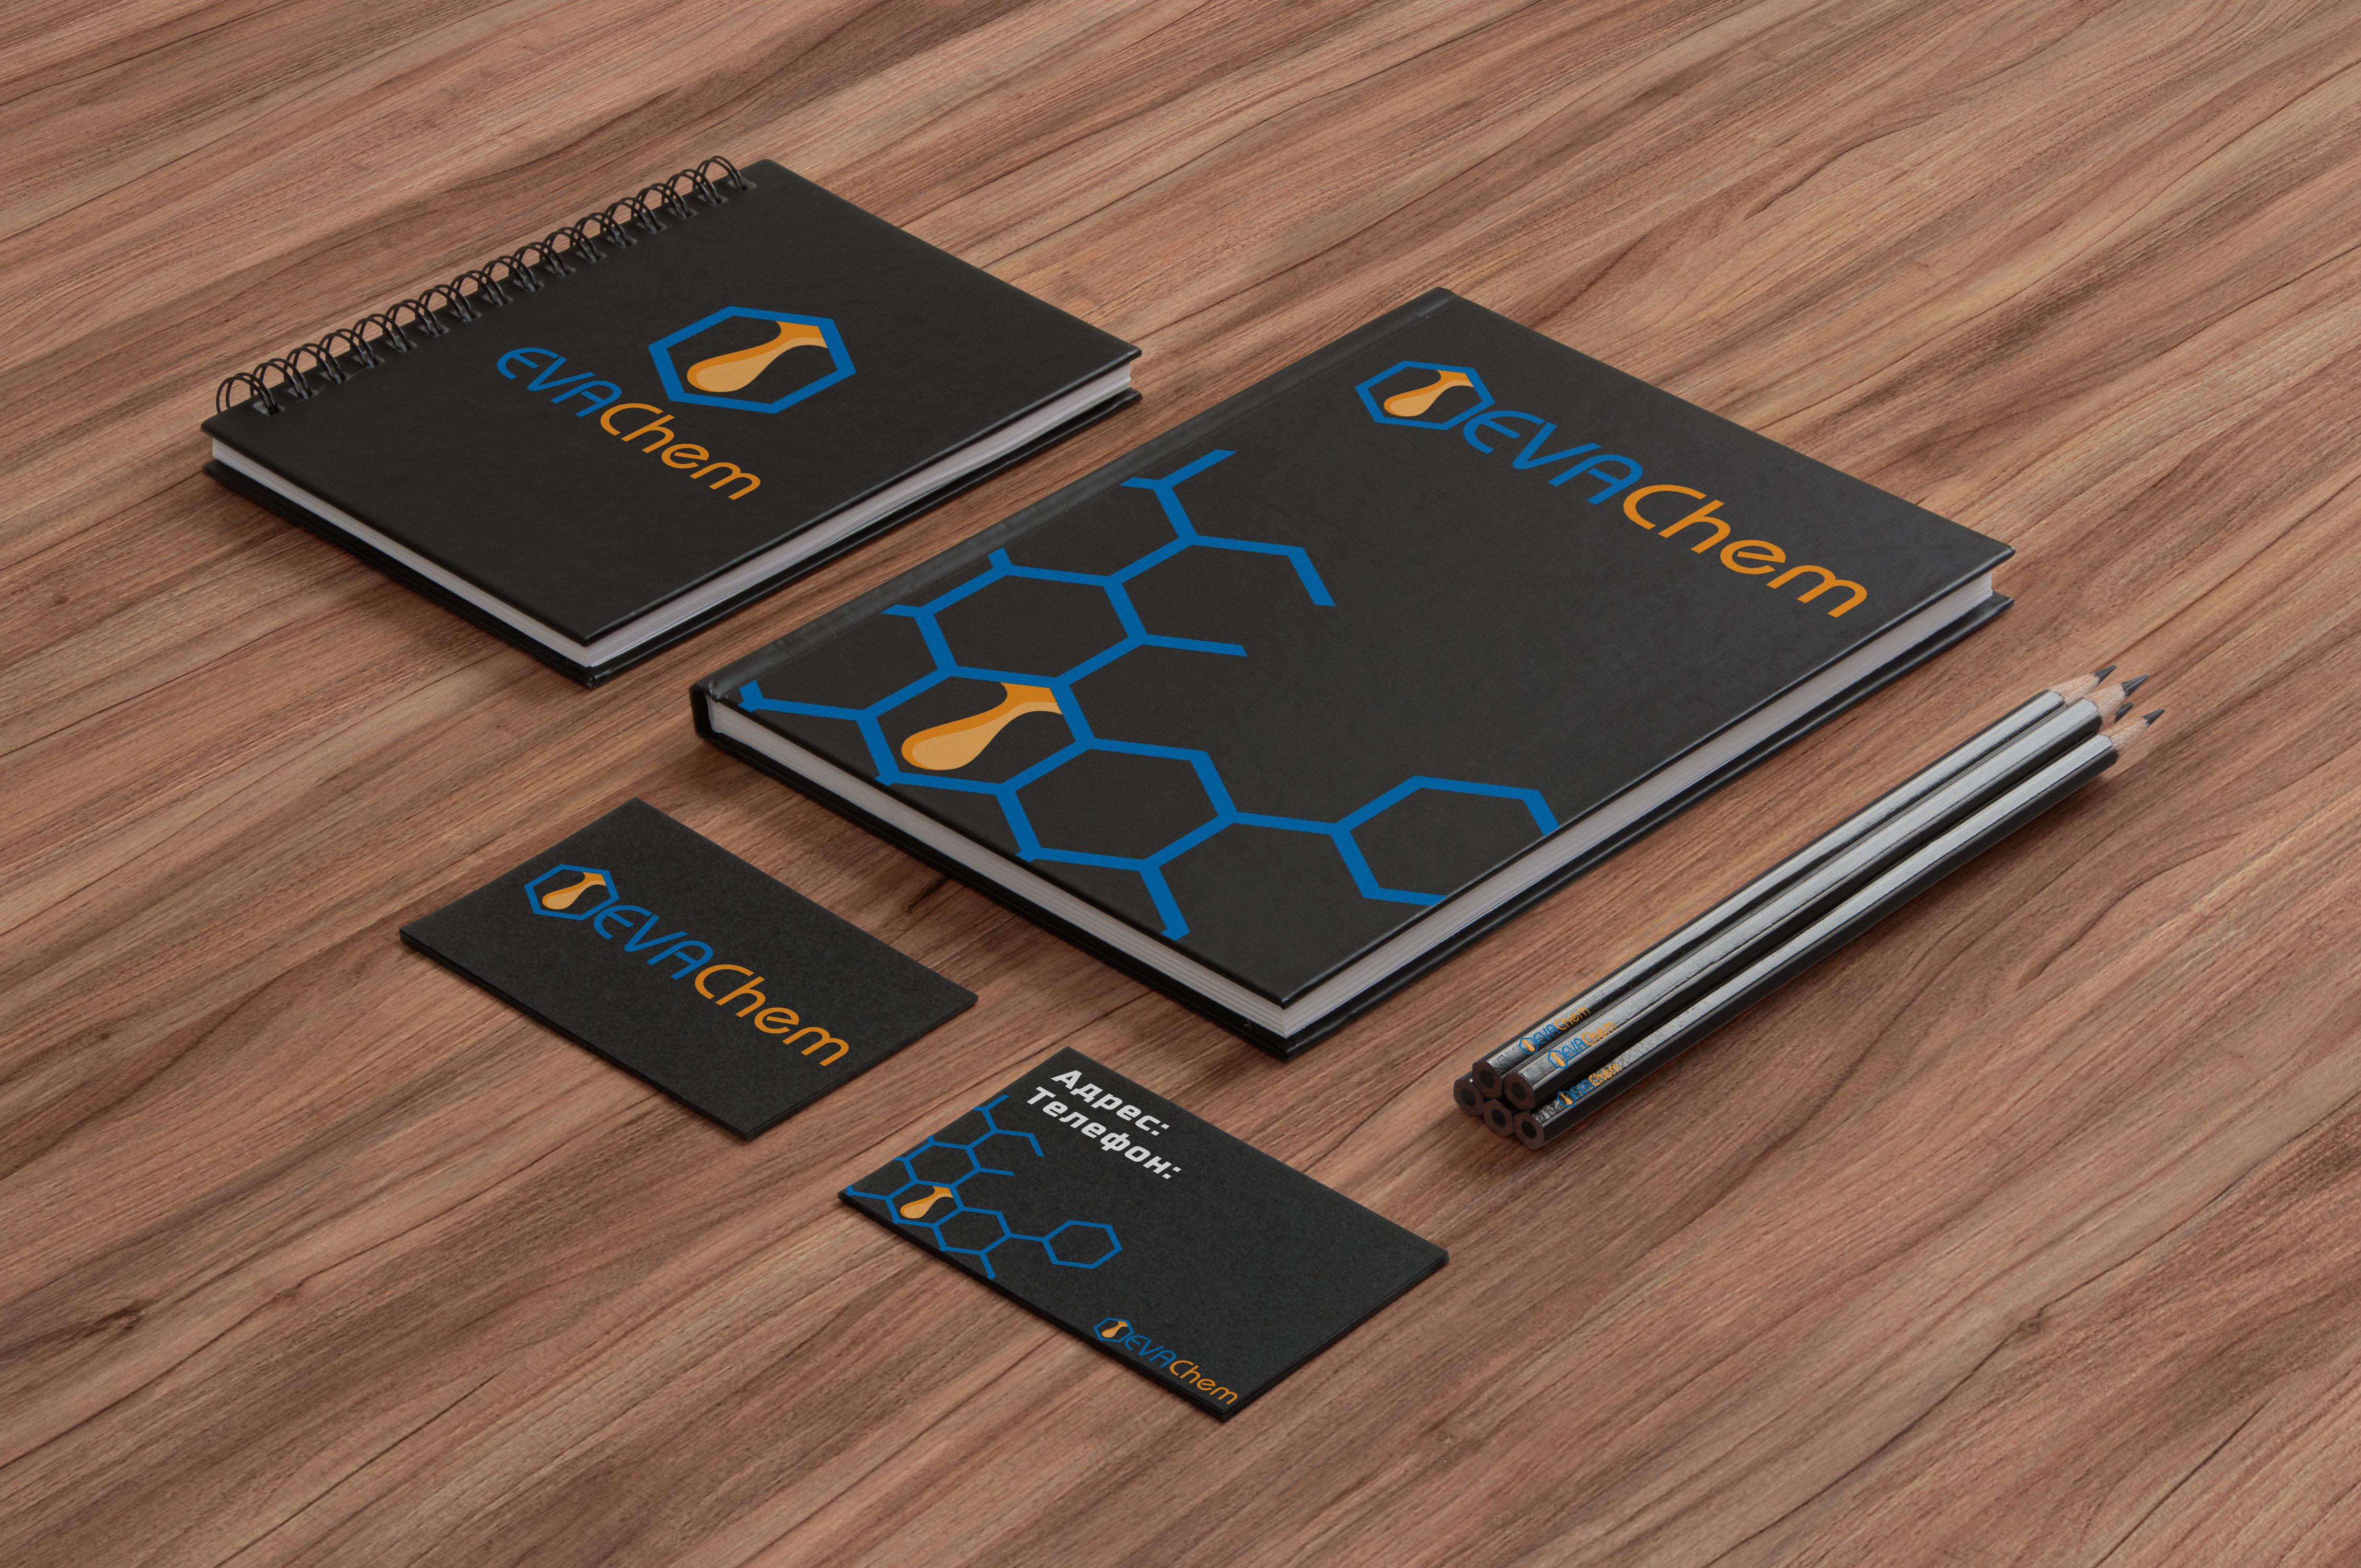 Разработка логотипа и фирменного стиля компании фото f_32957276fec60079.jpg